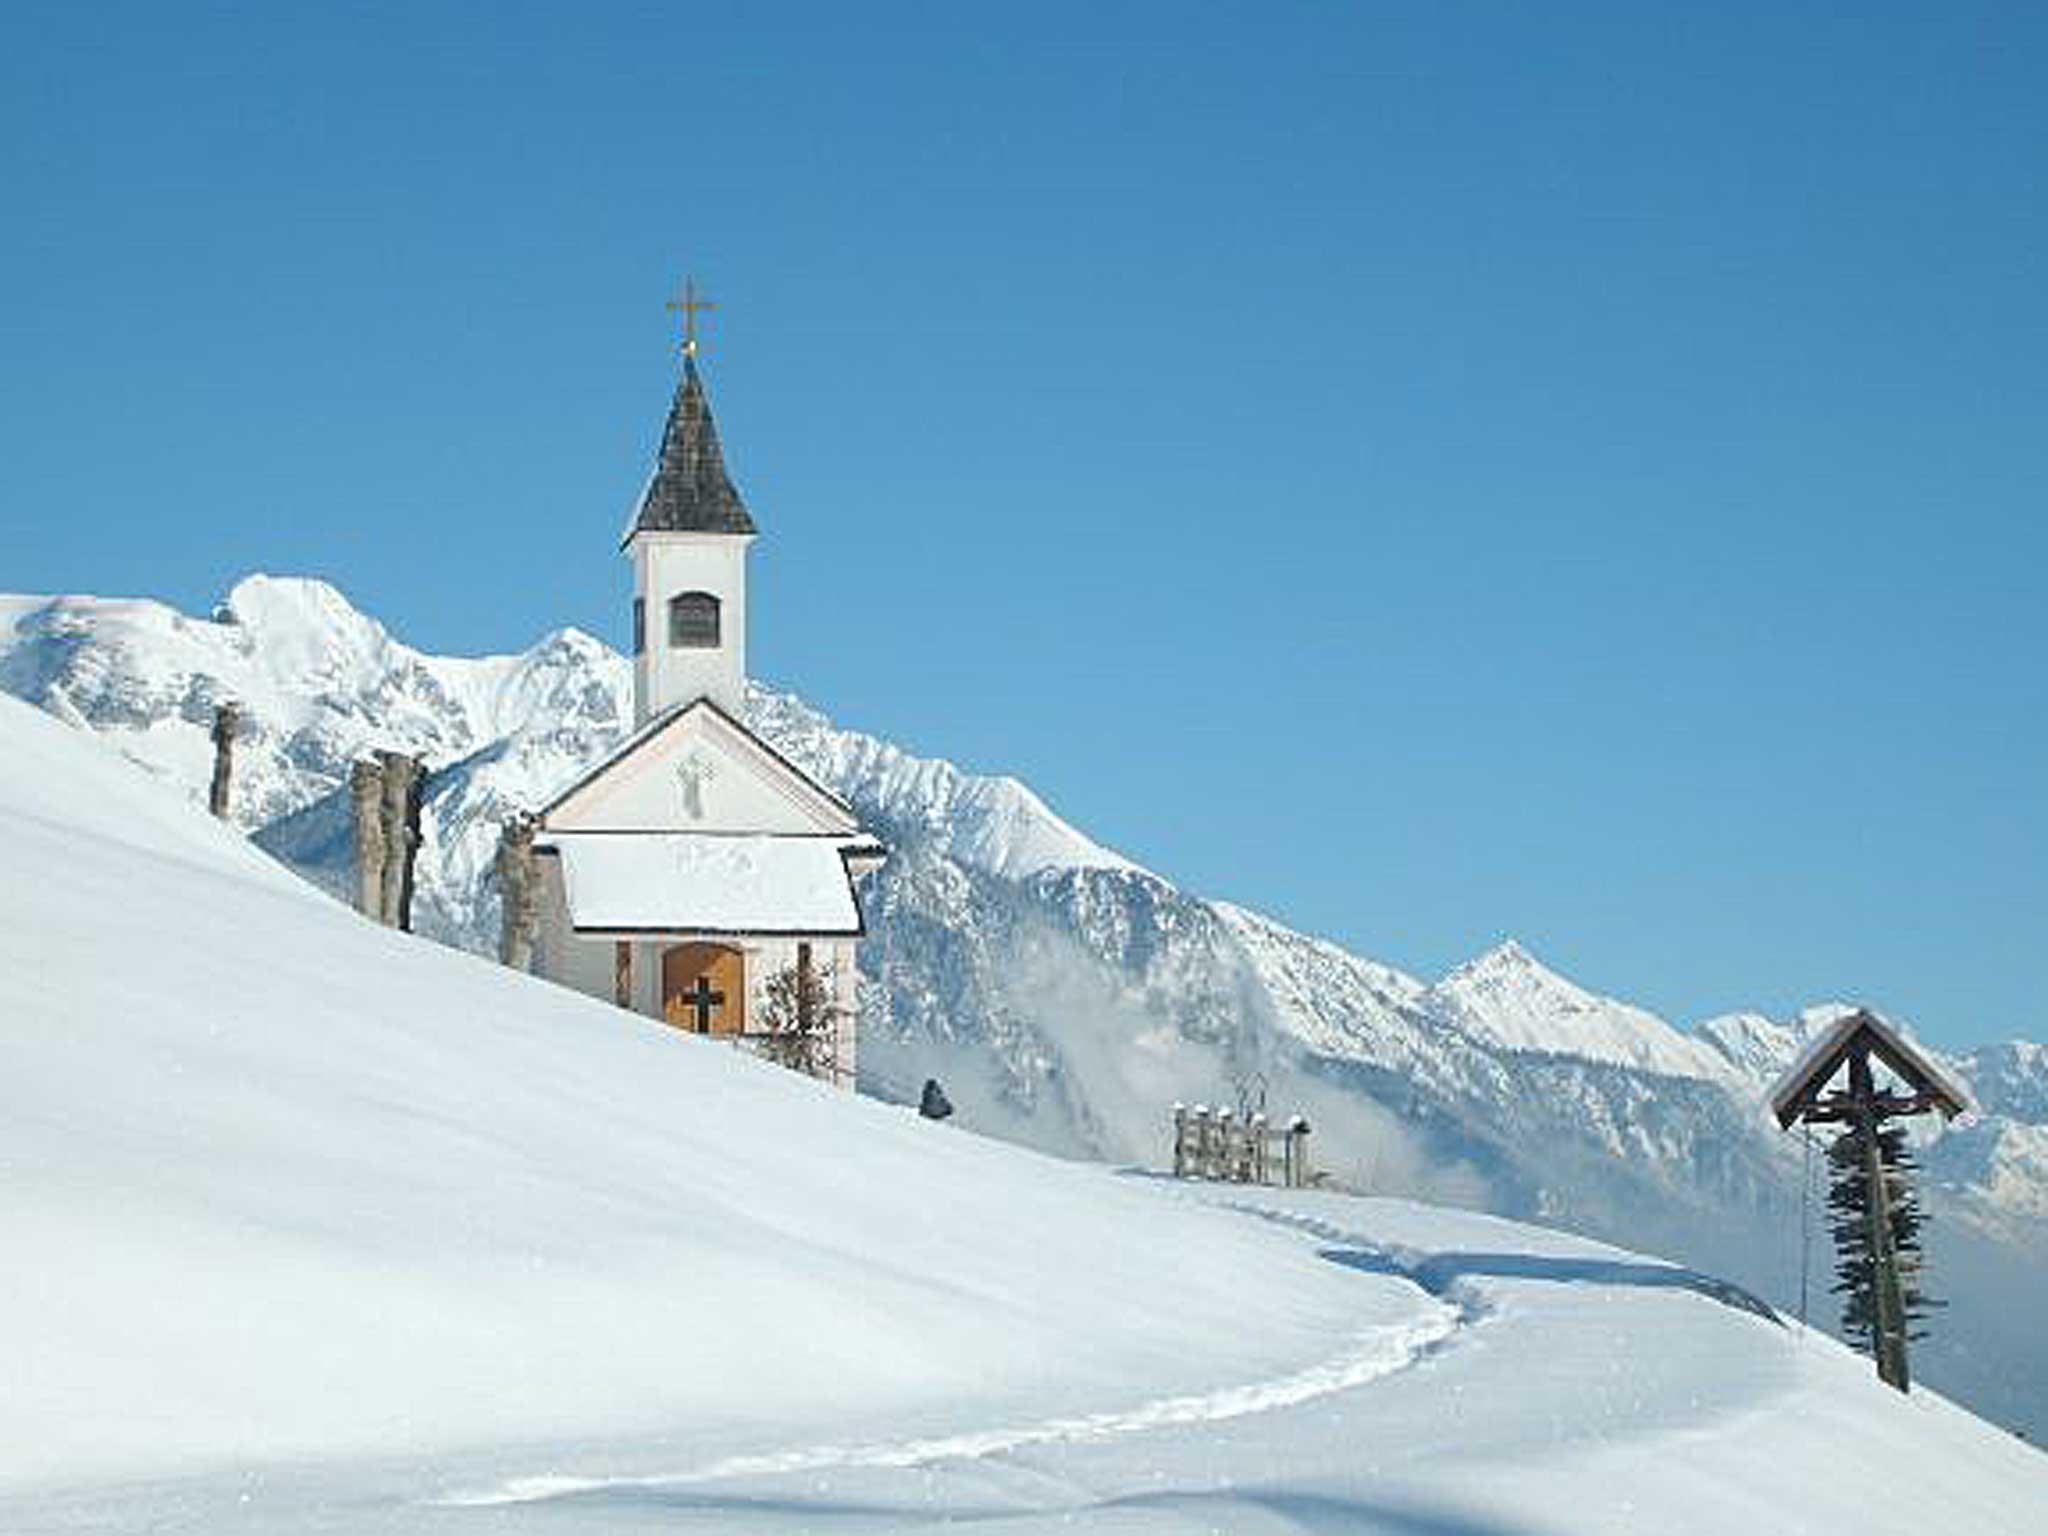 Berchtesgadner Kapelle